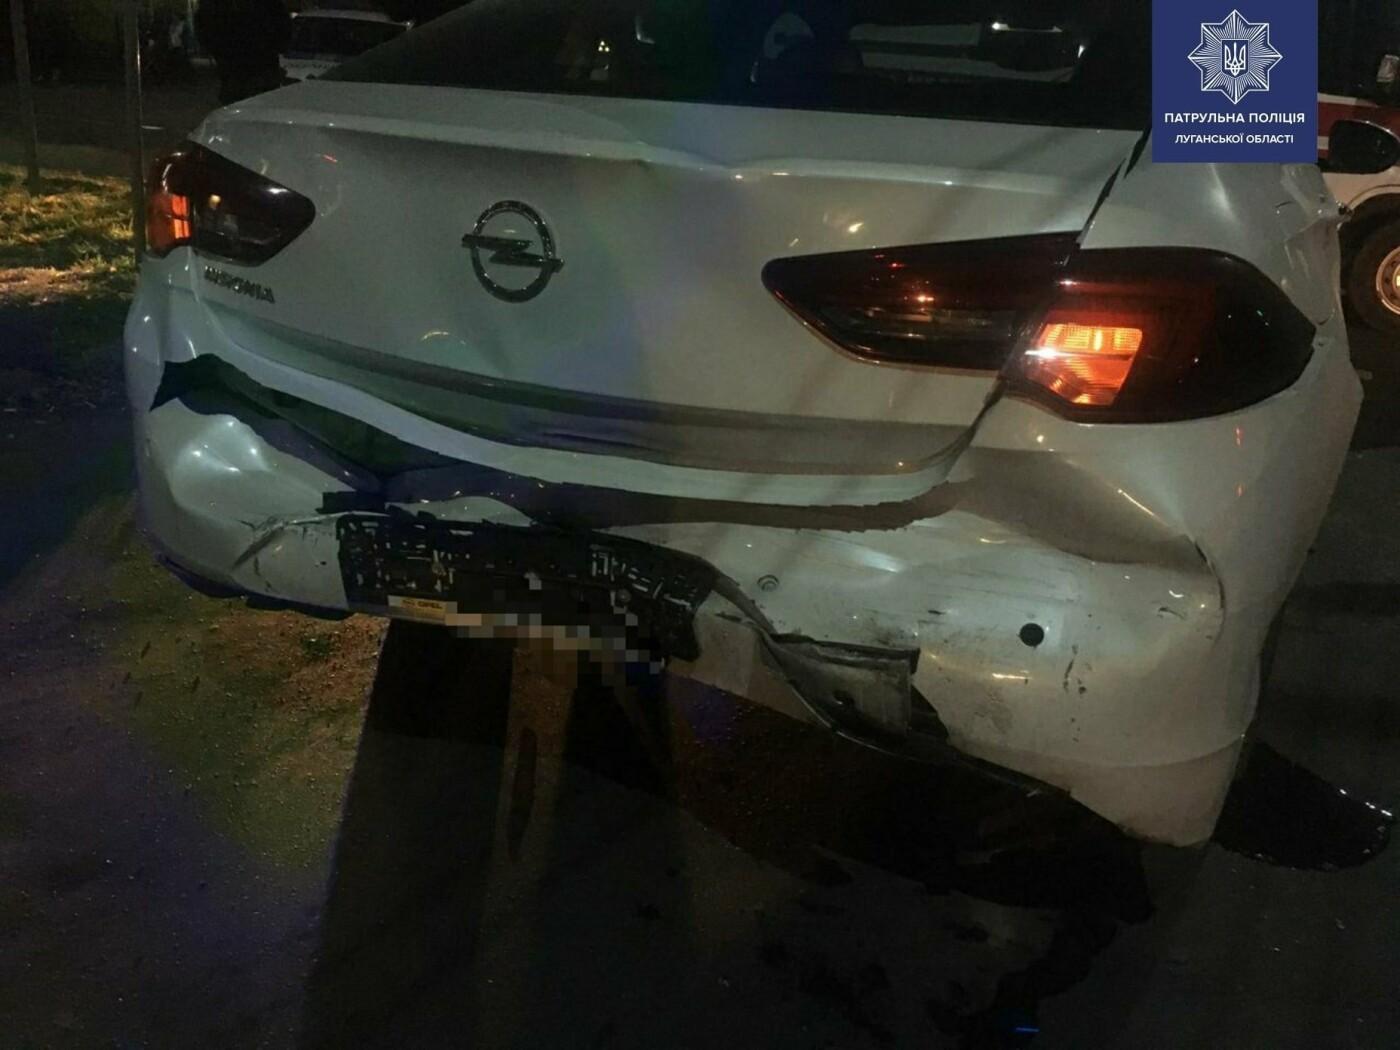 В Северодонецке во время ДТП пострадали водитель и пассажир, фото-1